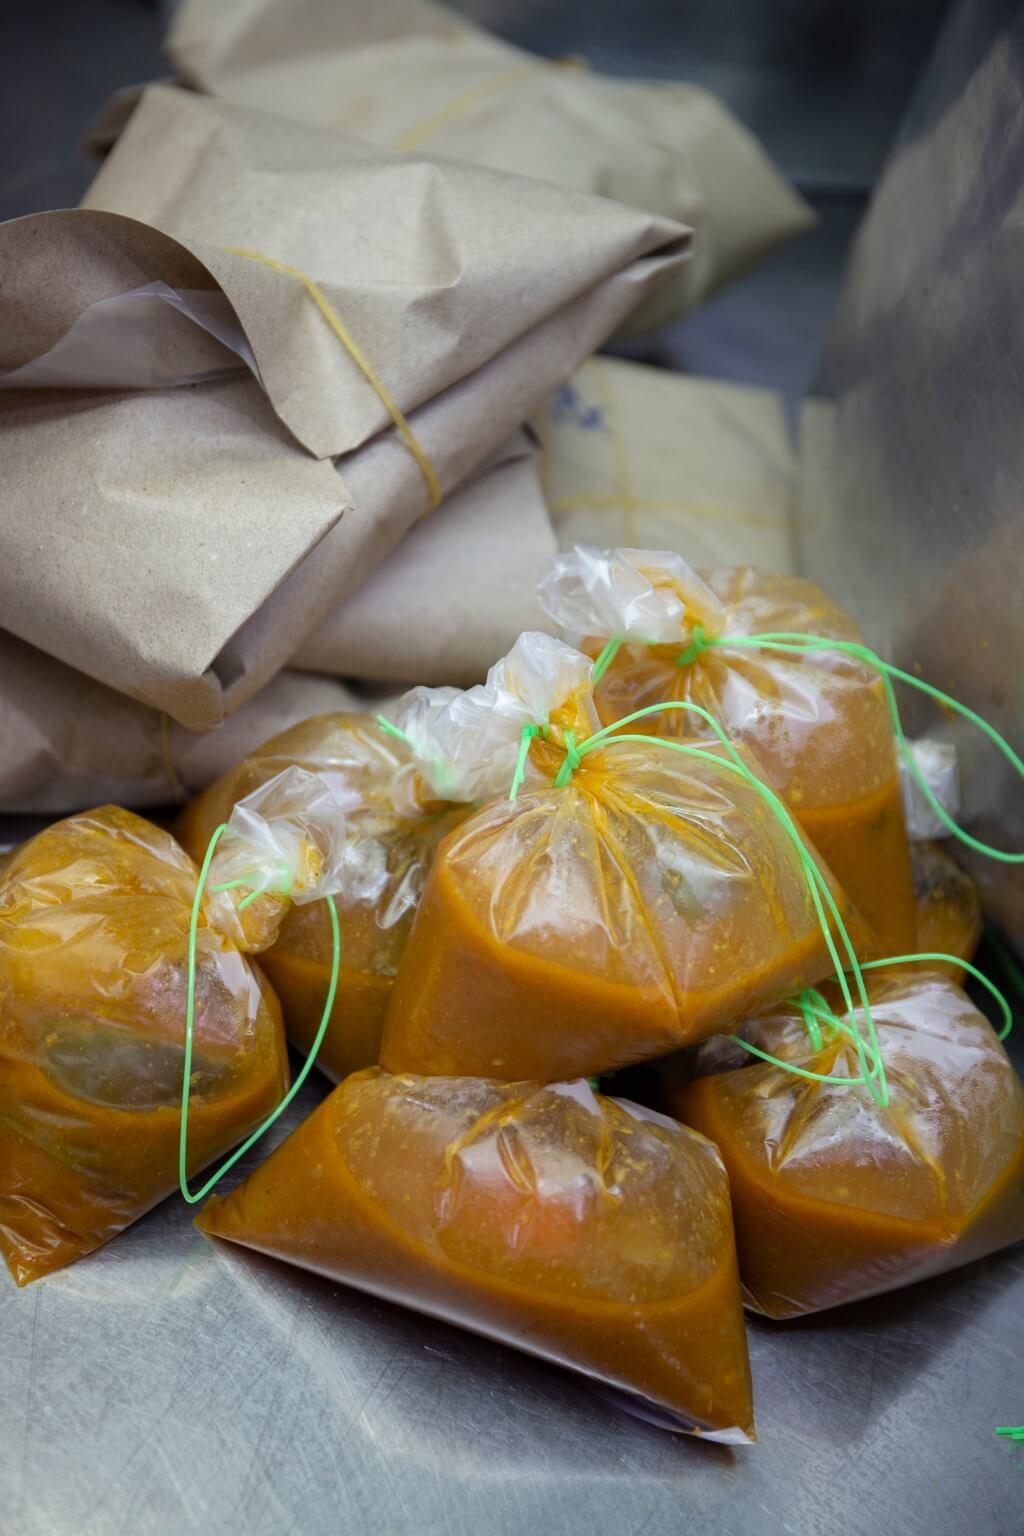 這裏的外賣包裝簡約,參巴辣 醬用膠袋包起;香料飯則用牛 皮紙摺好。